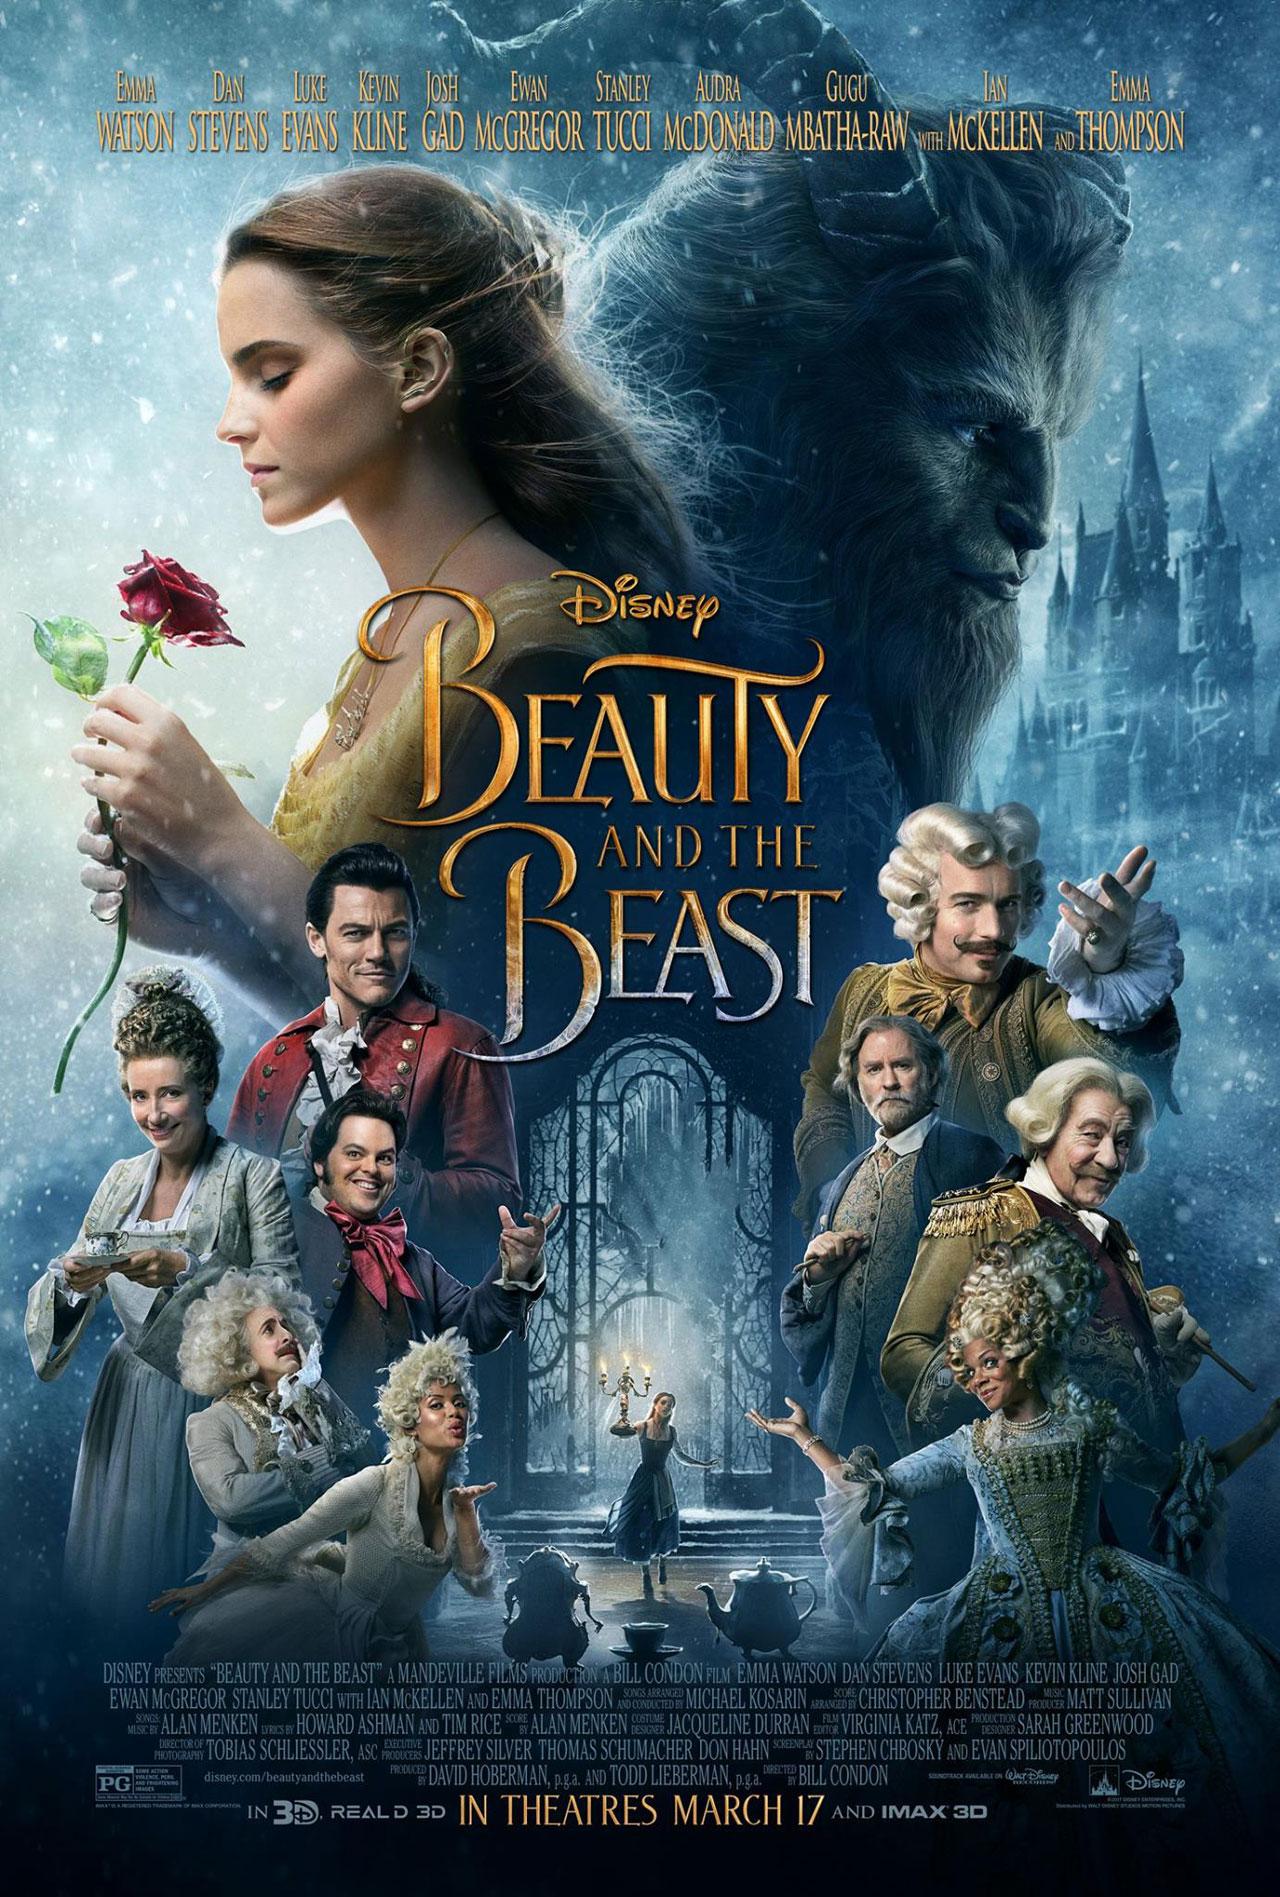 https://www.film.ru/sites/default/files/movies/posters/7176077-930164